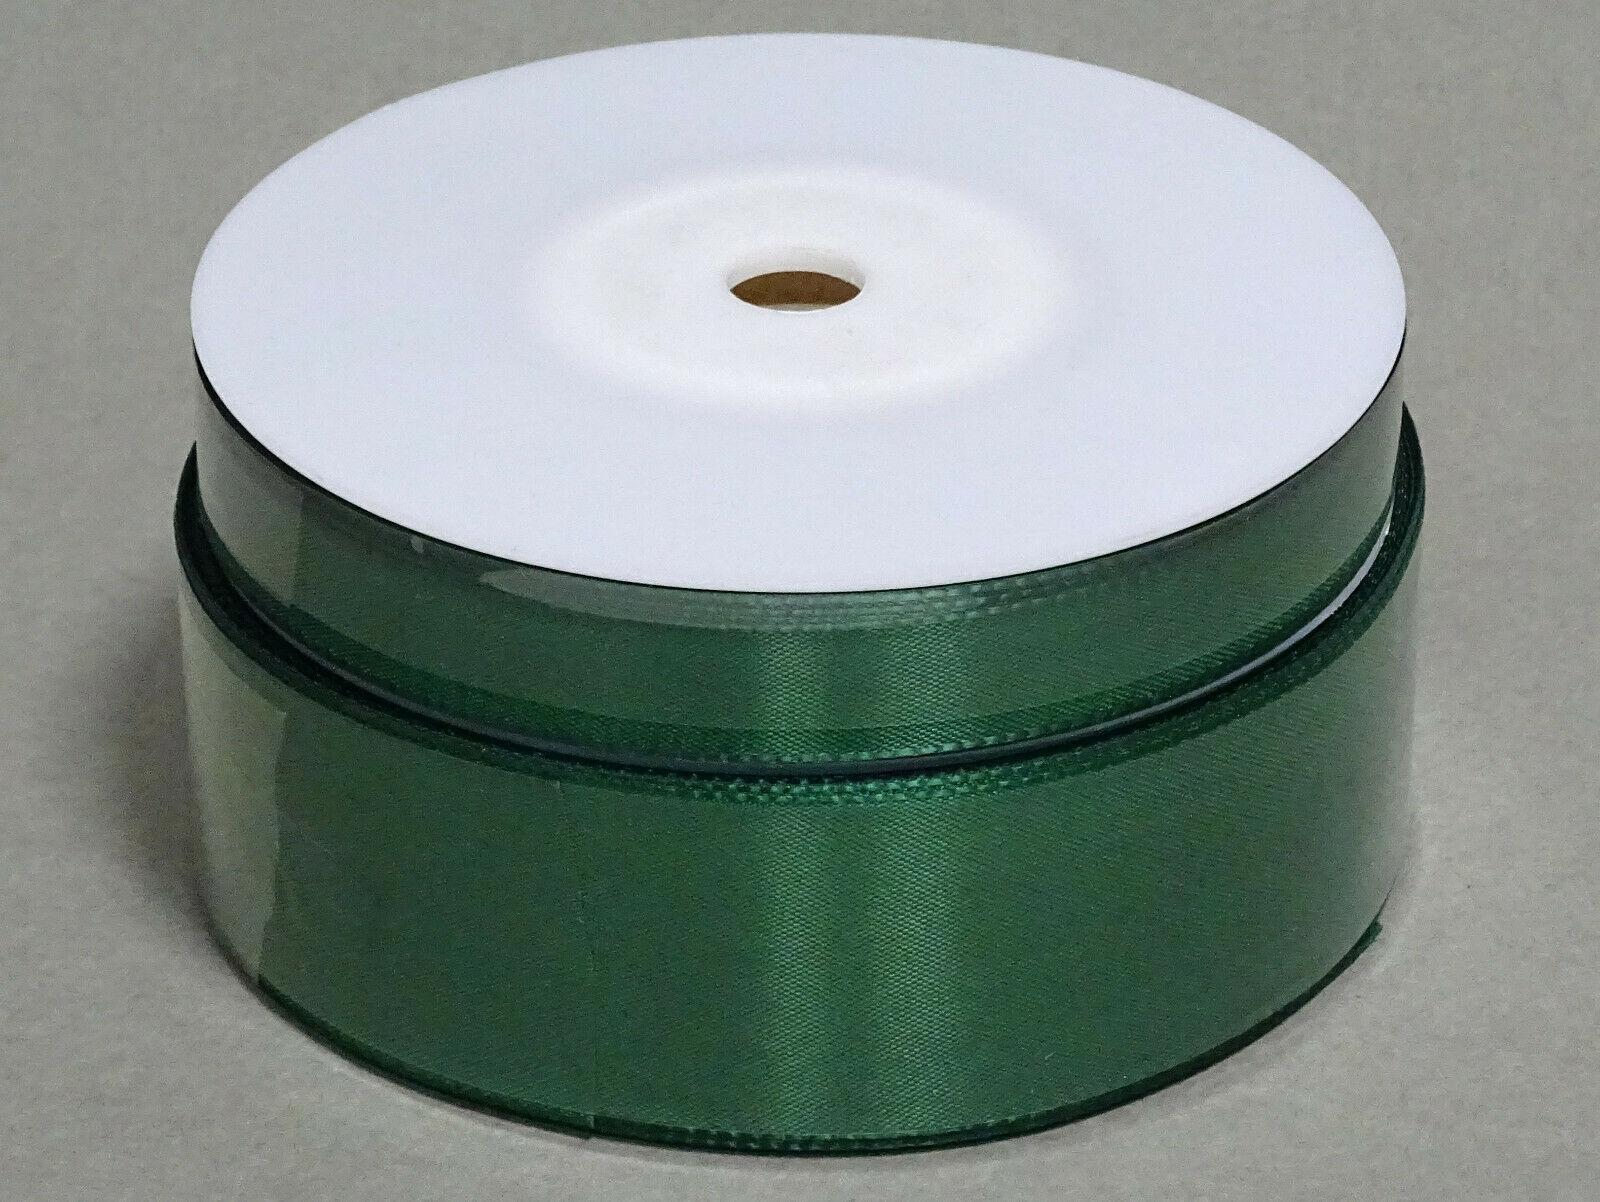 Seidenband Schleifenband 50 m x 15 / 25 / 40mm Dekoband ab 0,08€/m Geschenkband  - Grün 858, 15 mm x 50 m